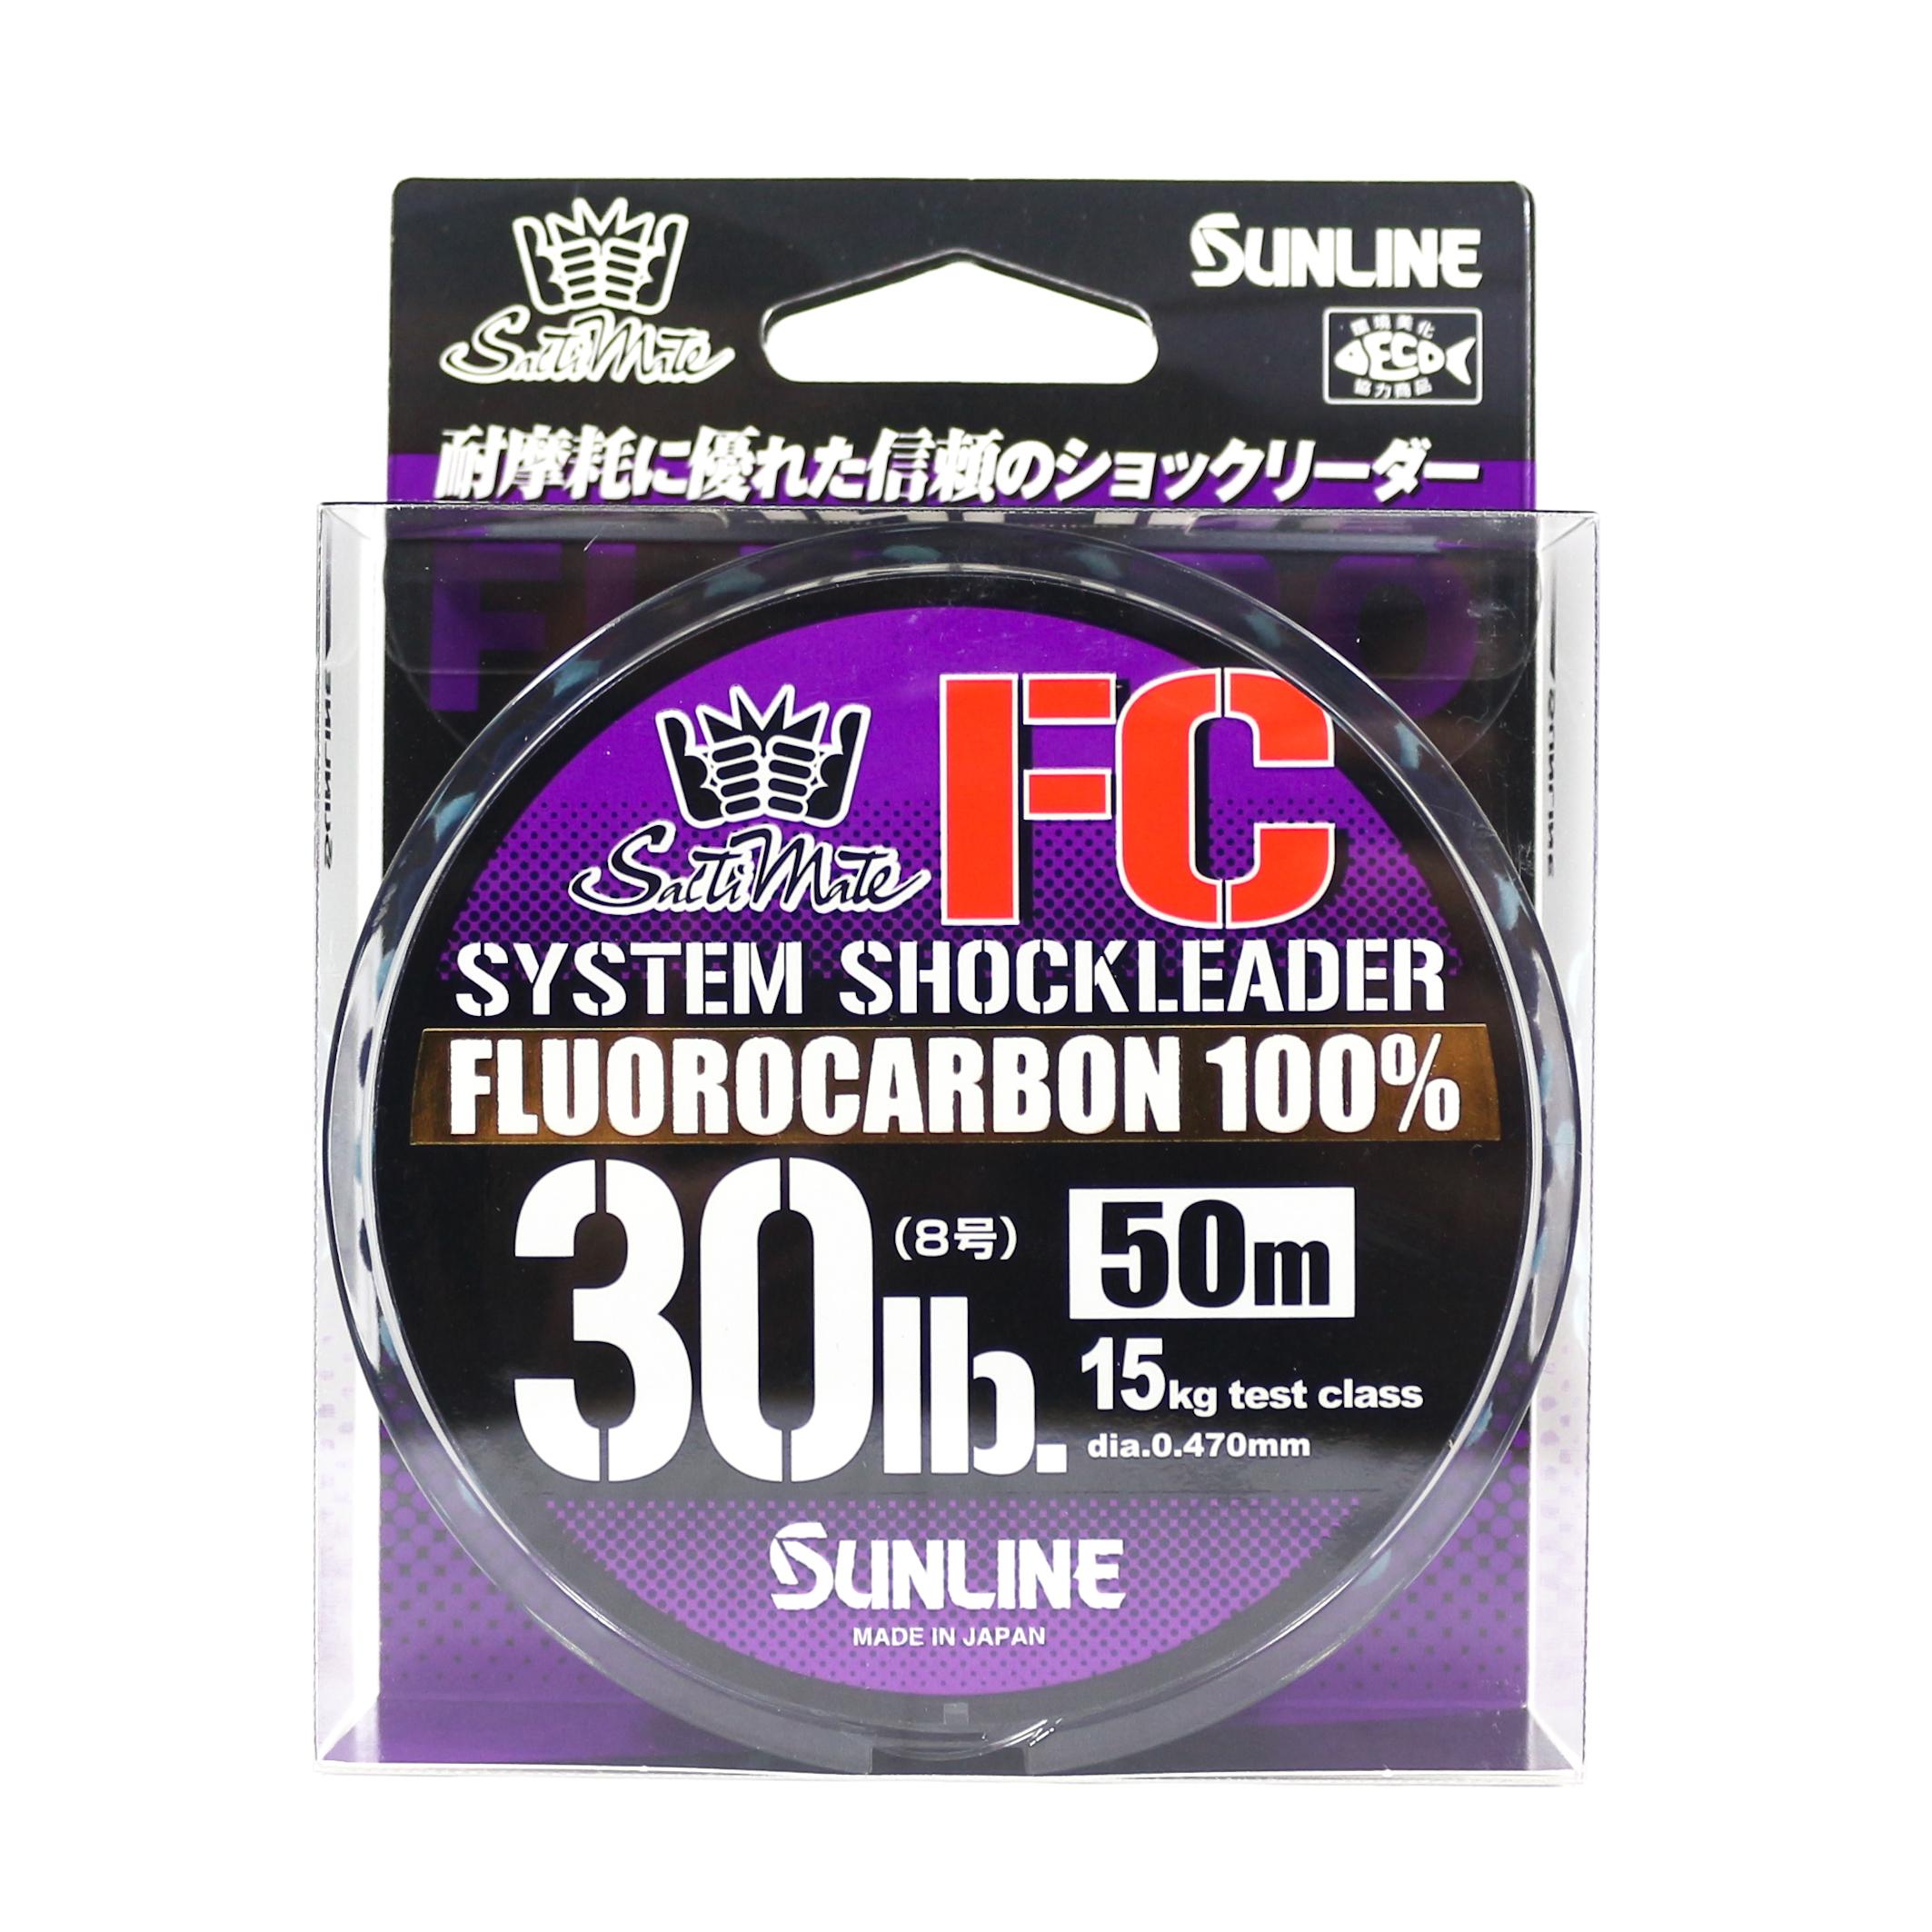 Sunline Saltwater System Shock Leader Fluorocarbon FC 50m 30lb (9185)